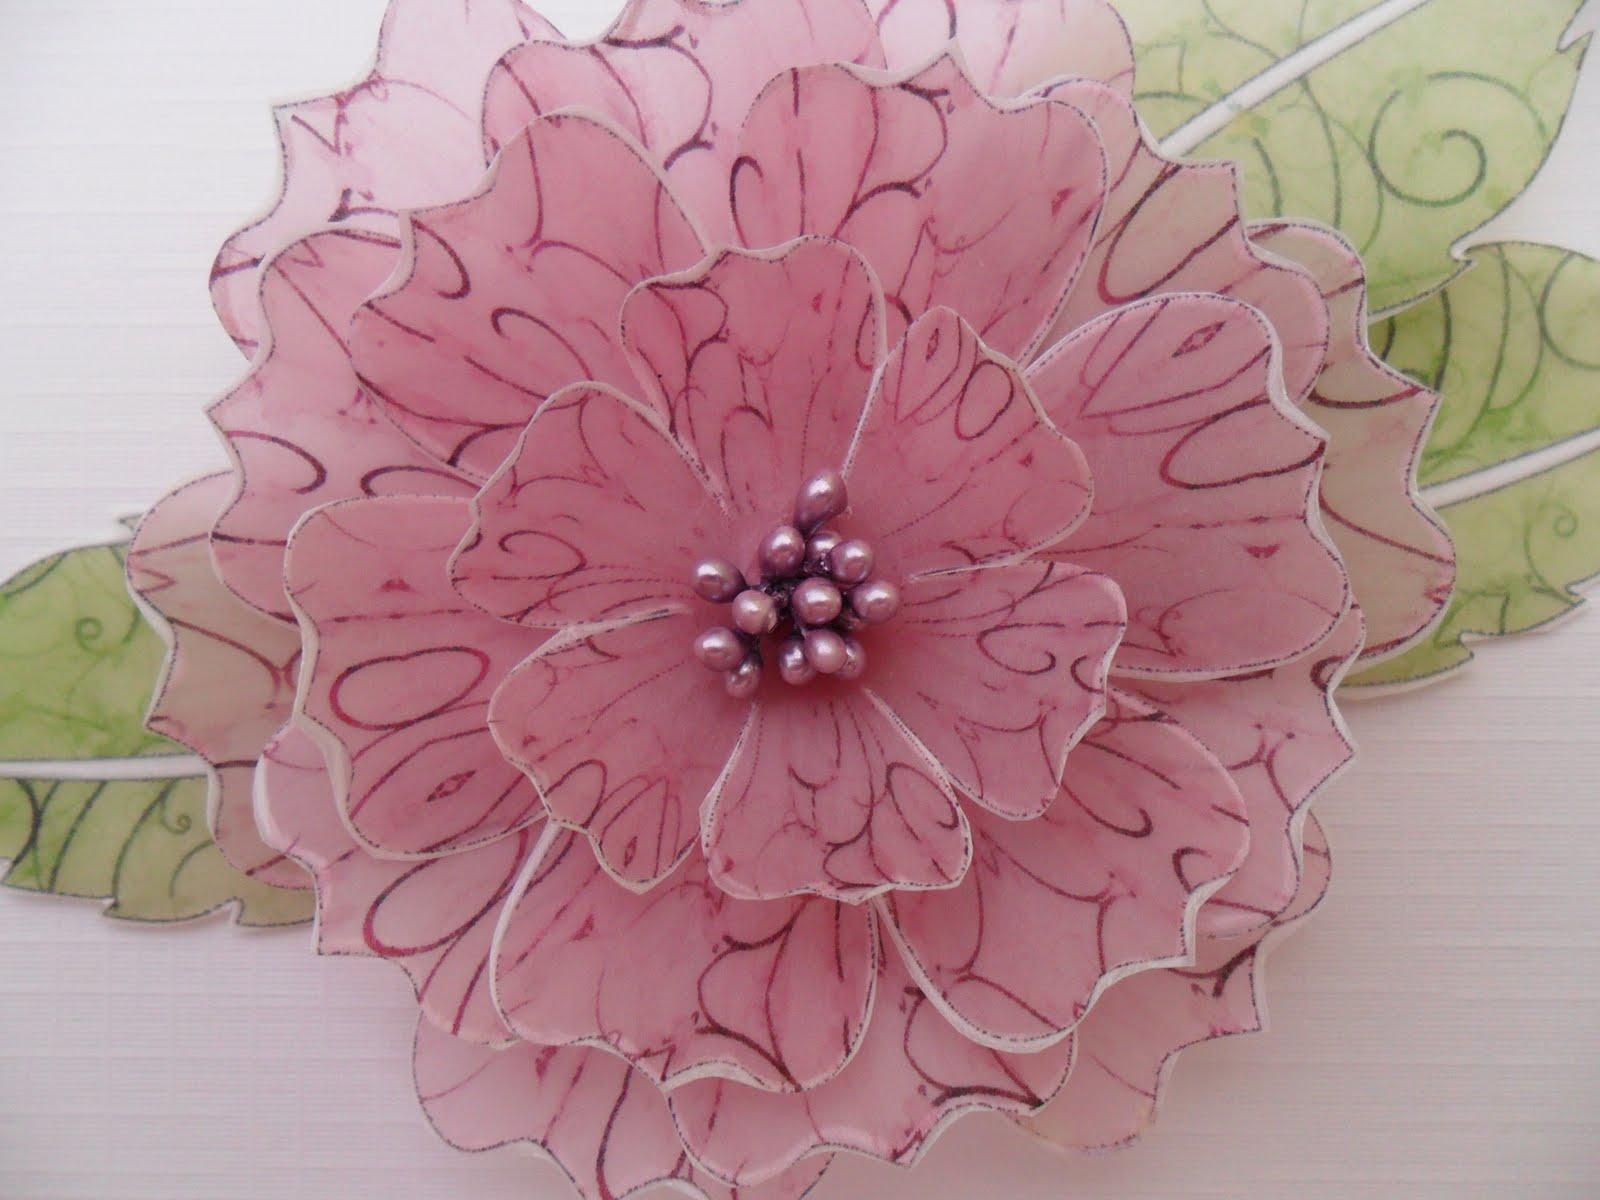 Carols Parchment Place Paper Flower Boutique By Debbees Cds